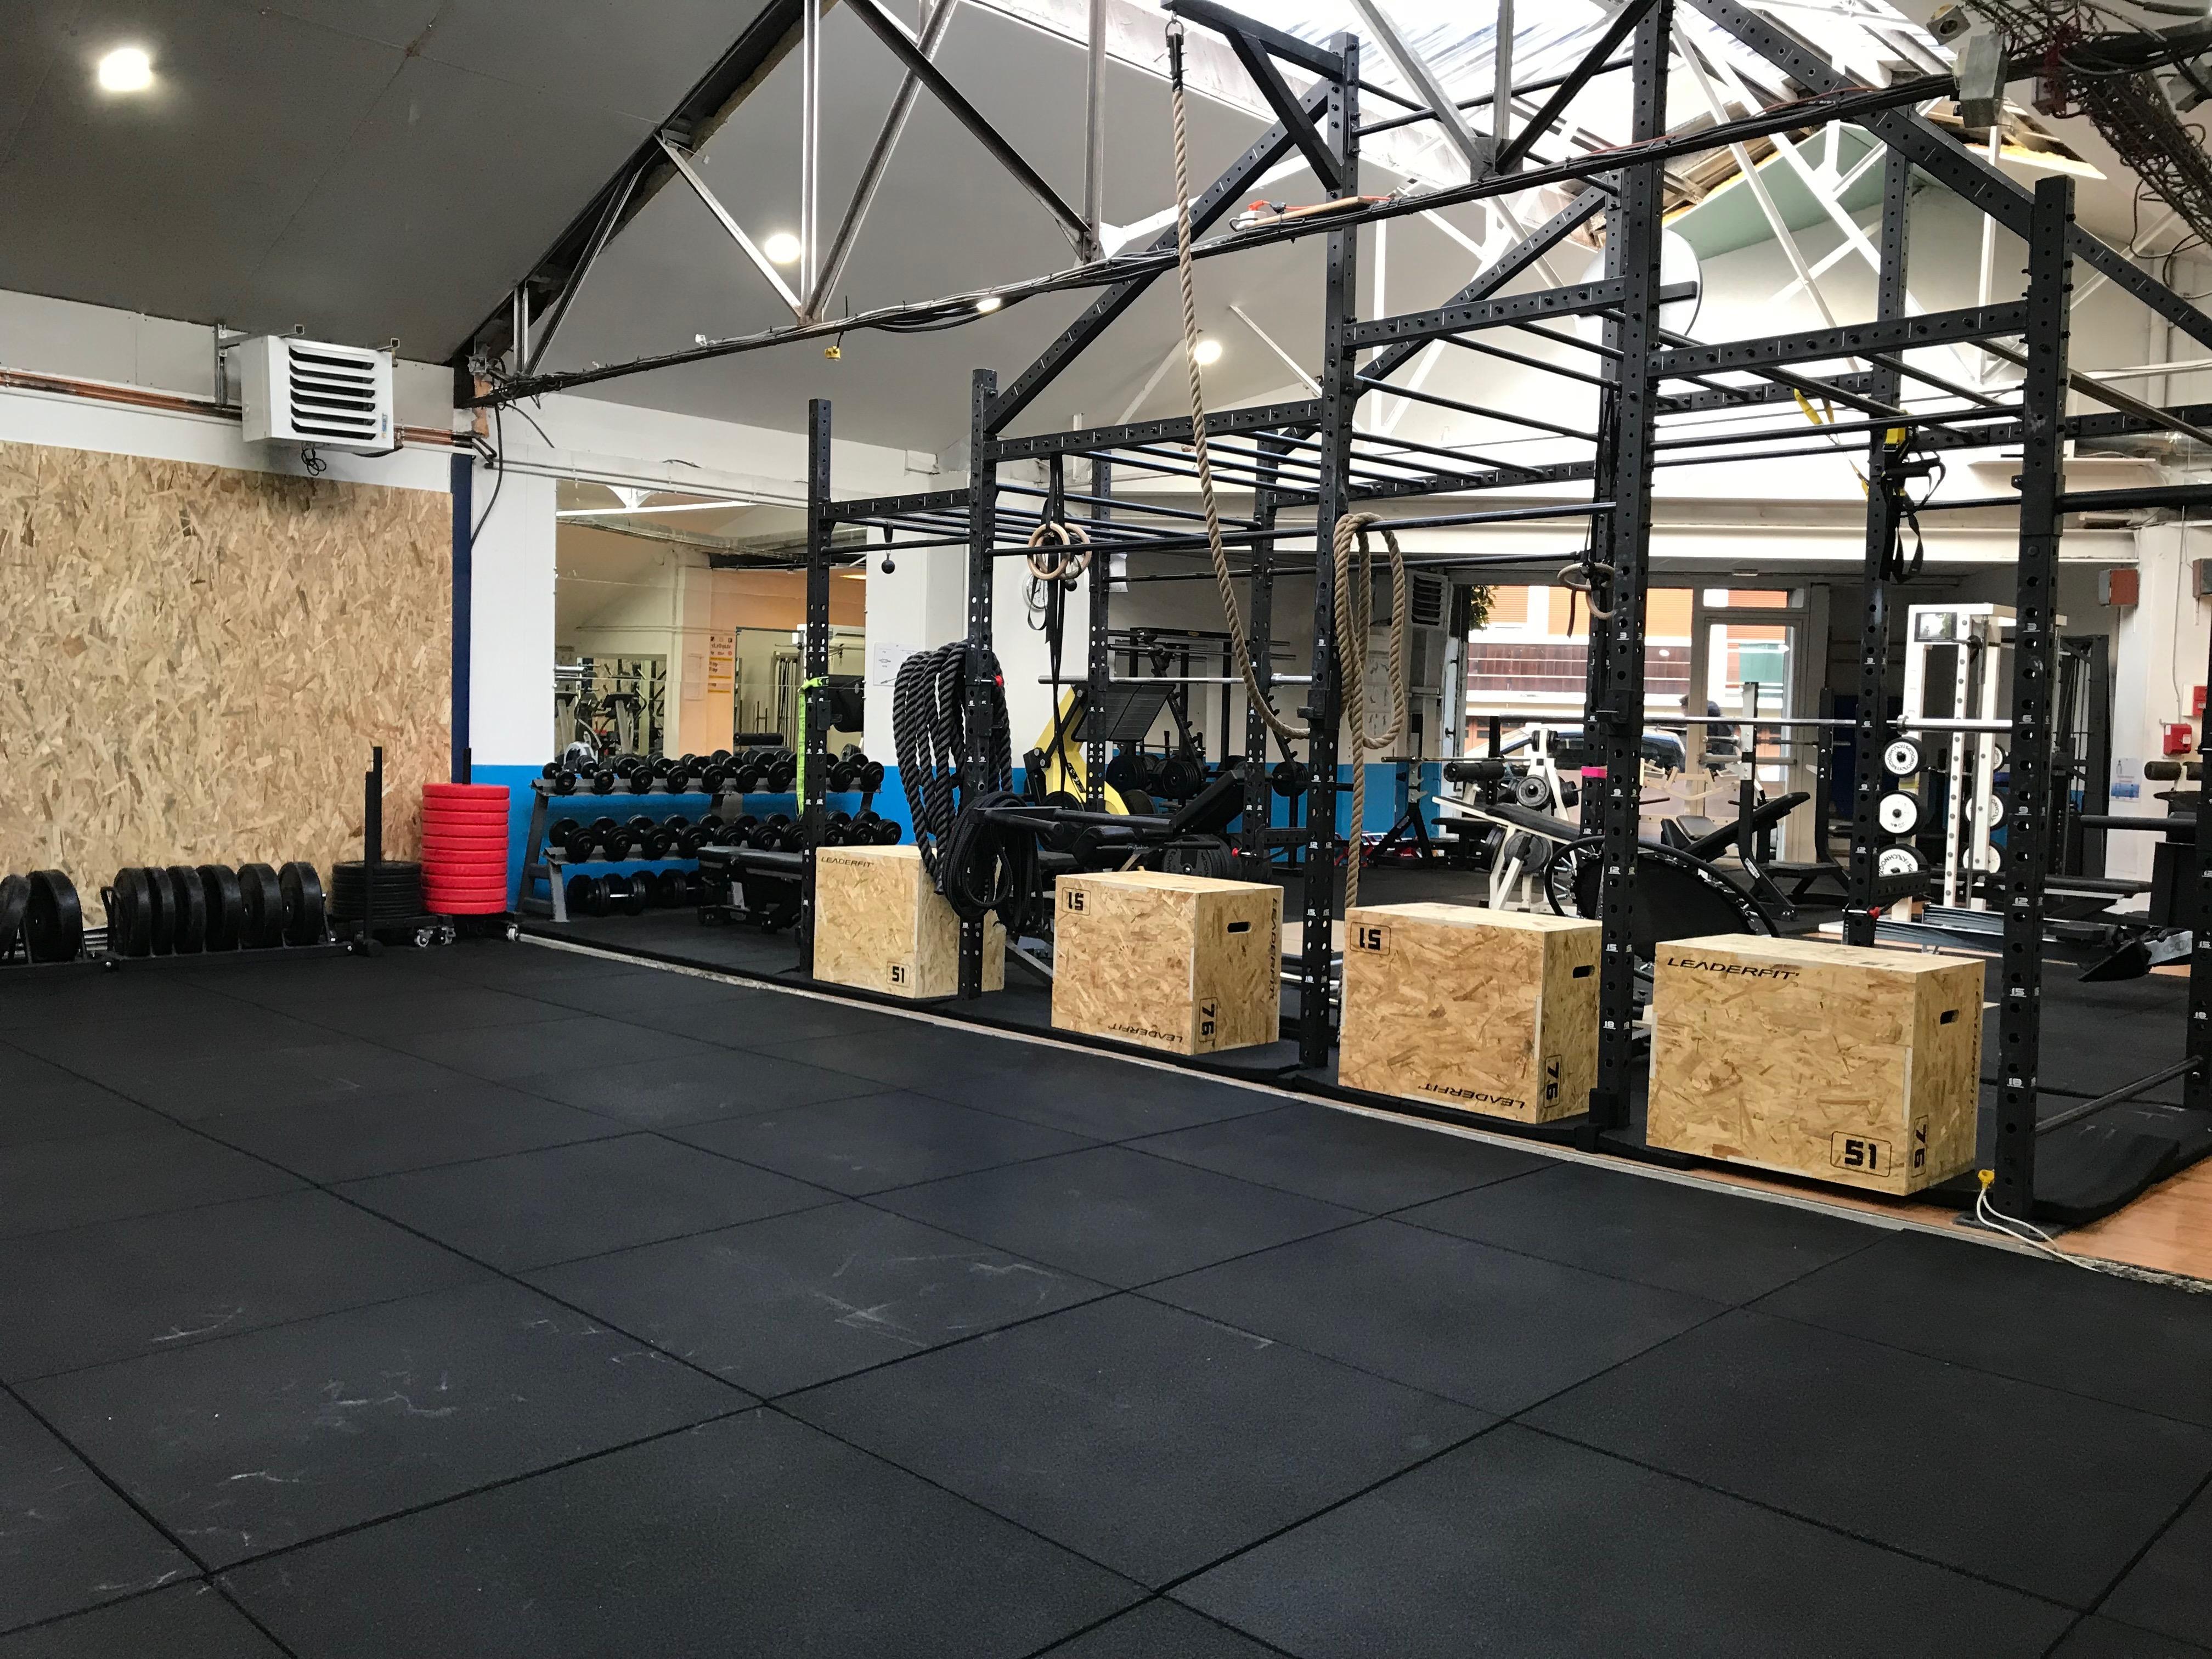 Salle de cross, musculation, cardio et fitness